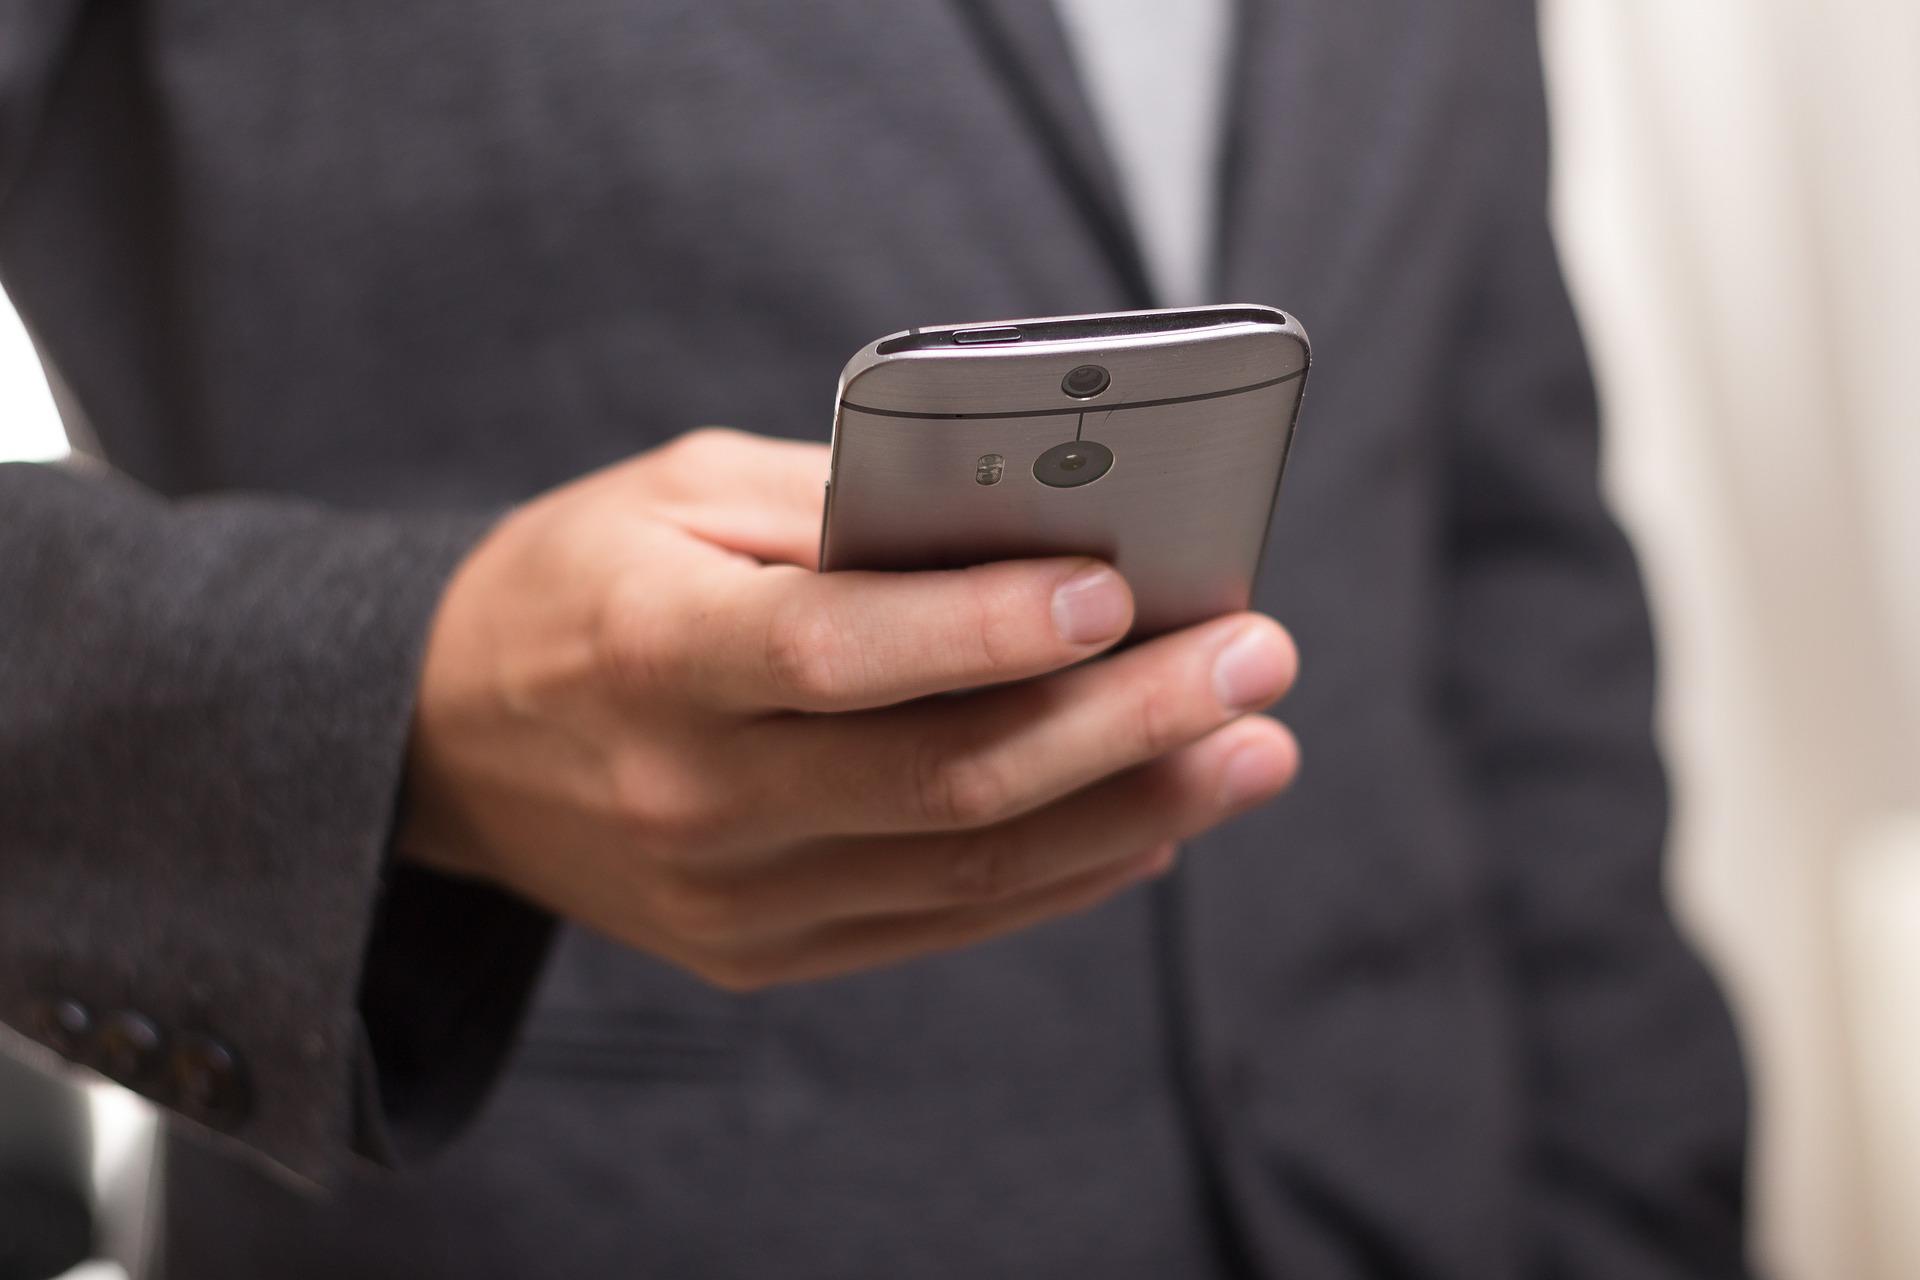 Pozor na podvodné SMS. Napadají mobilní bankovnictví